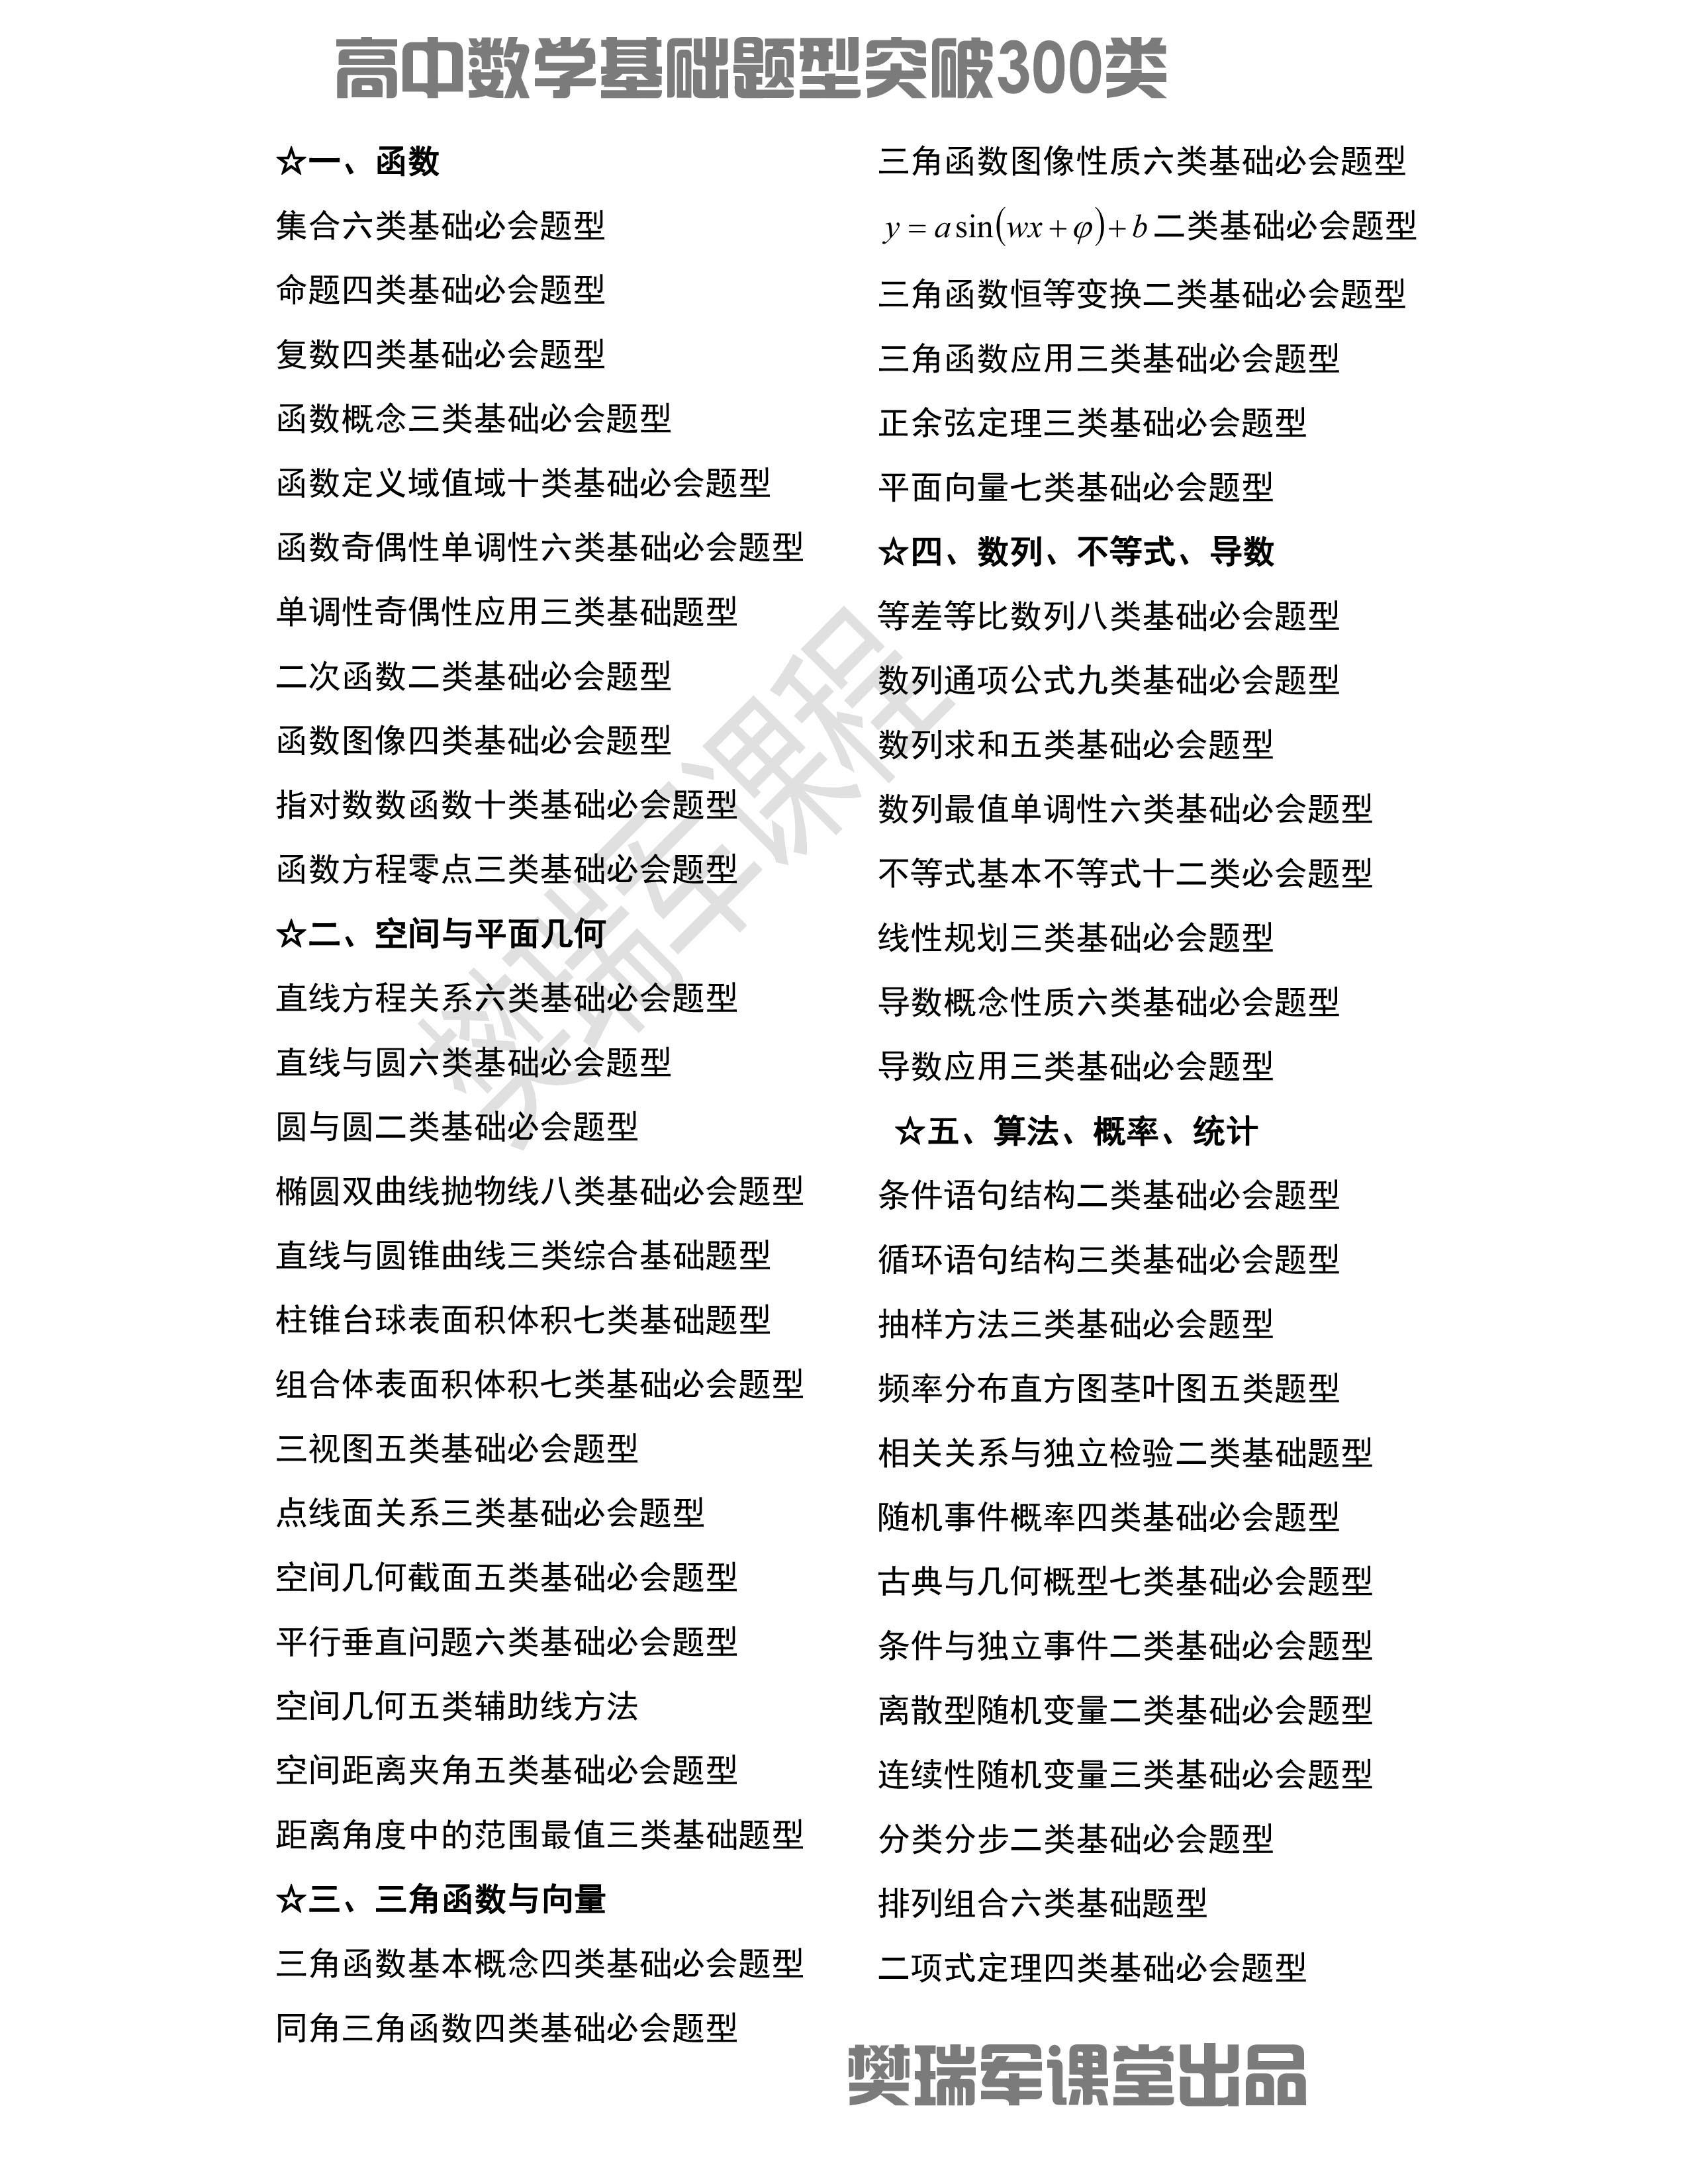 怎么才气学好高中数学名师樊瑞军讲授六大焦点秘笈(责编保举:数学家教jxfudao.com/xuesheng)